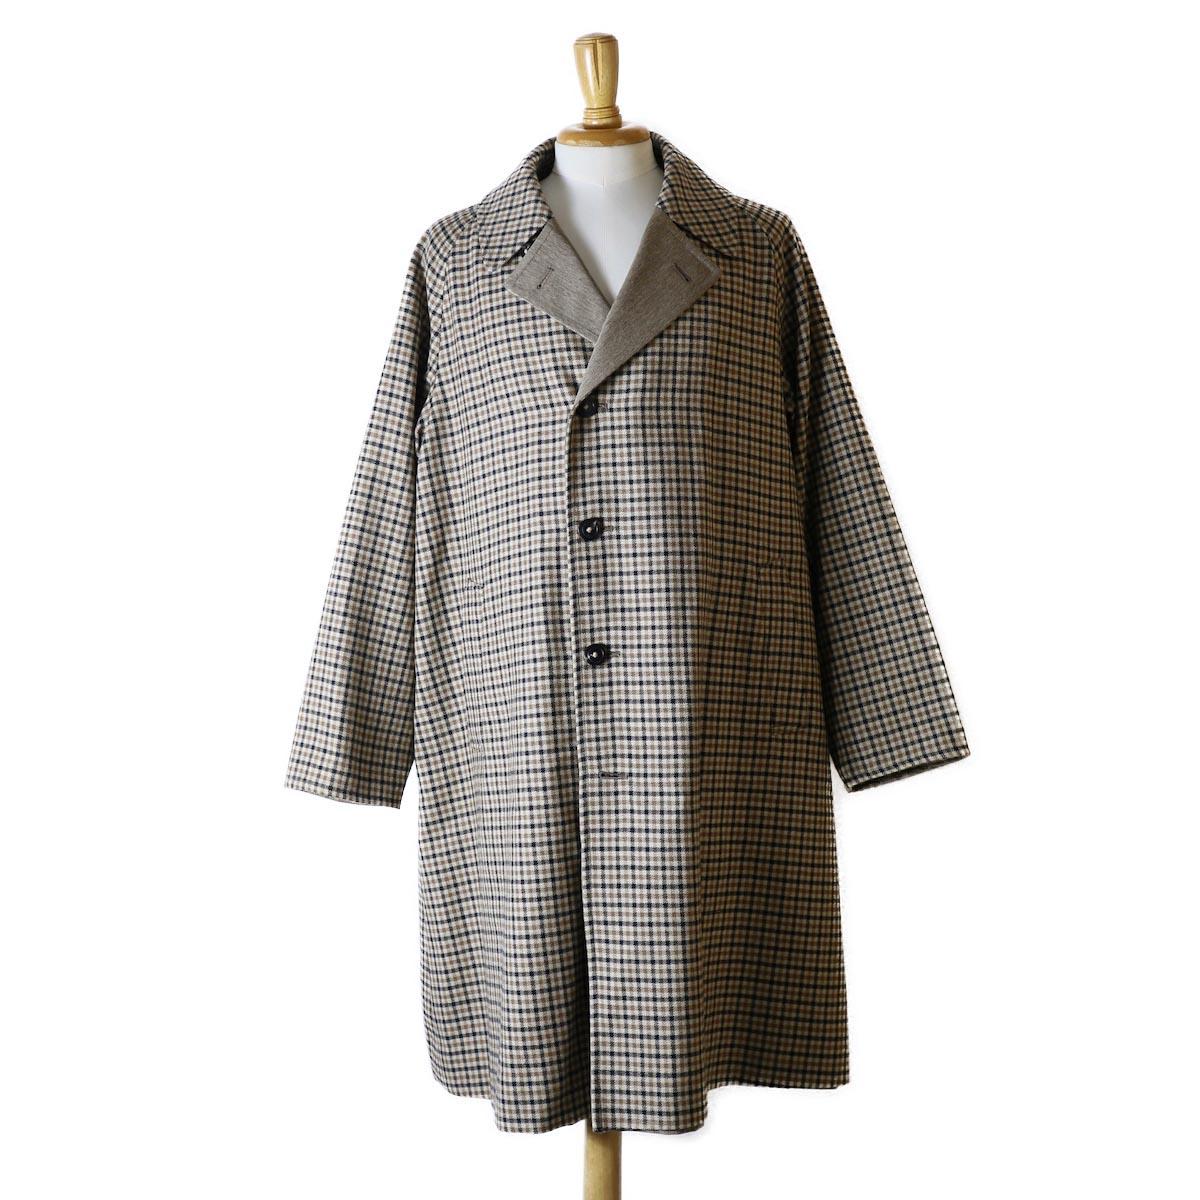 Kaptain Sunshine / Reversible Chesterfield Coat